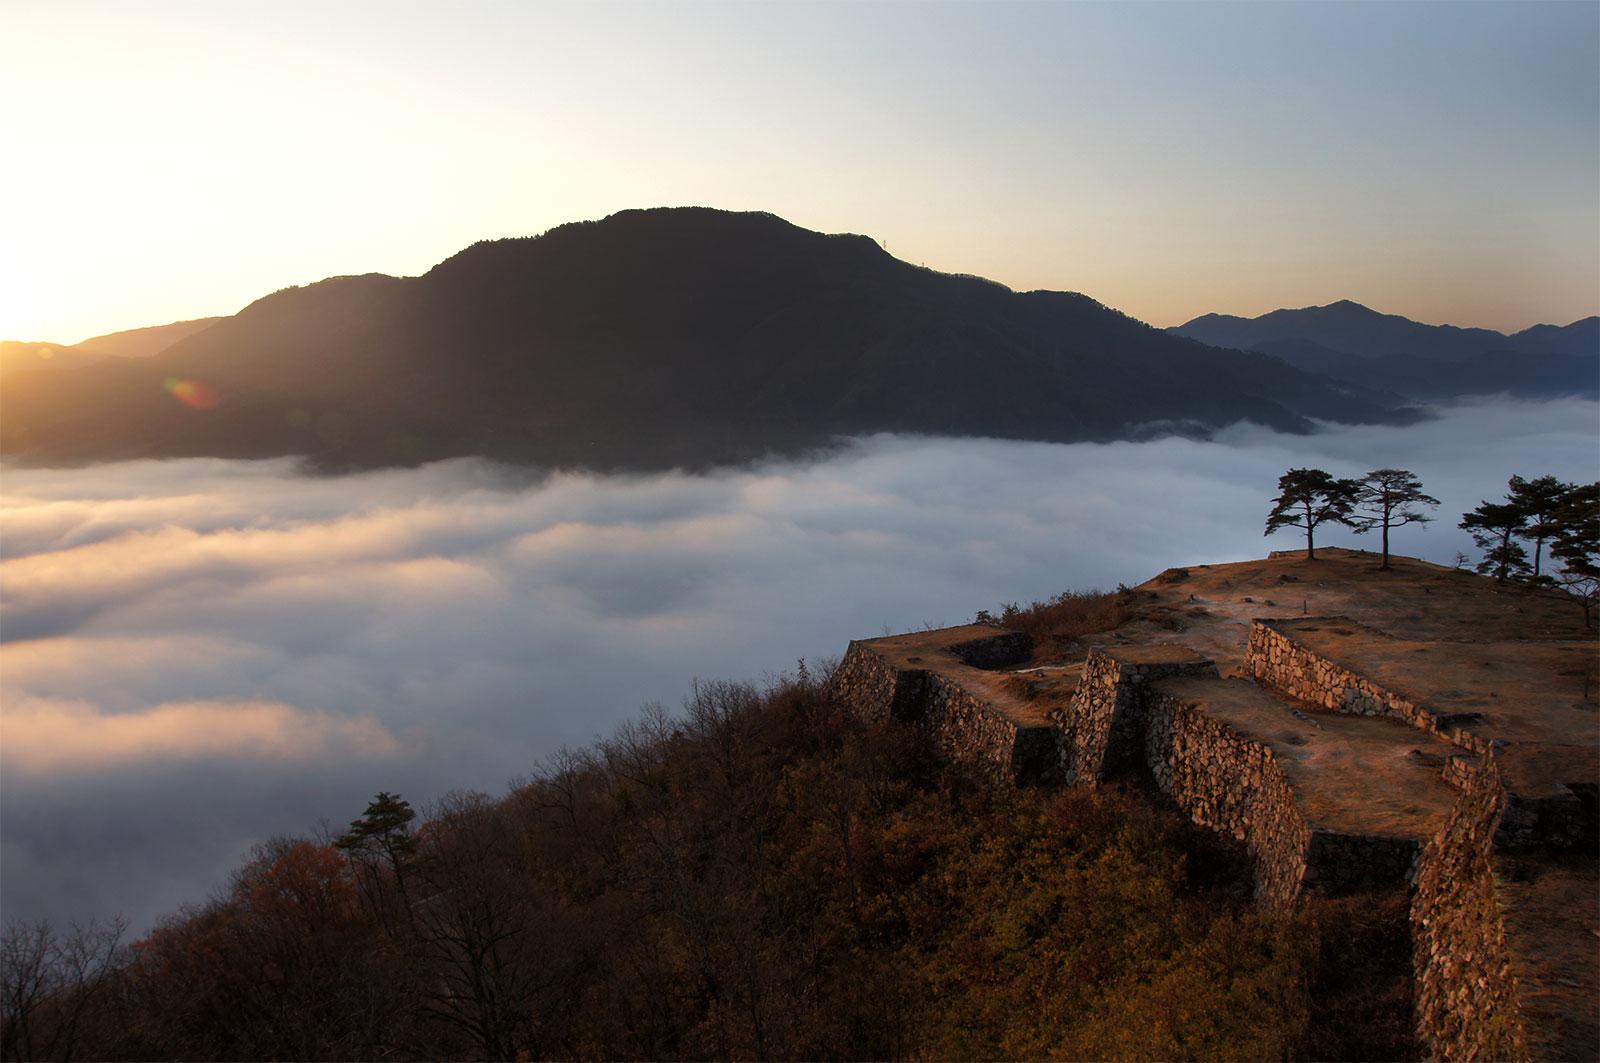 Takeda Castle: The Castle in the Sky